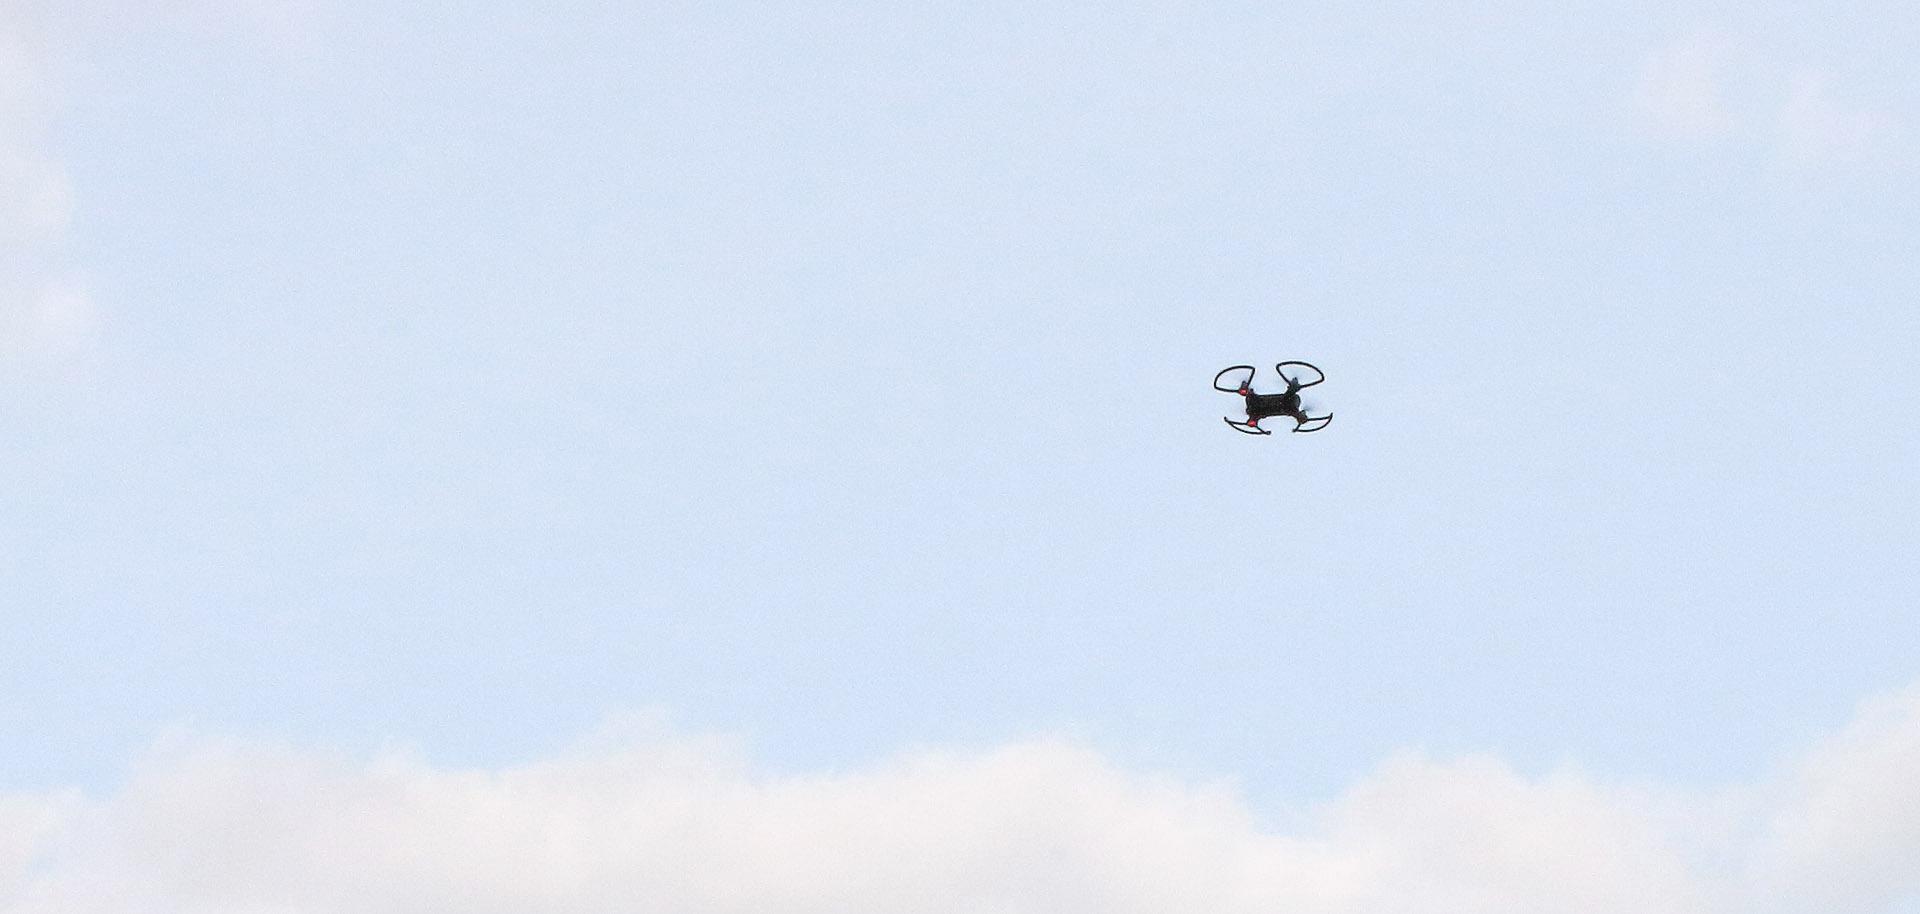 Drone Air Far